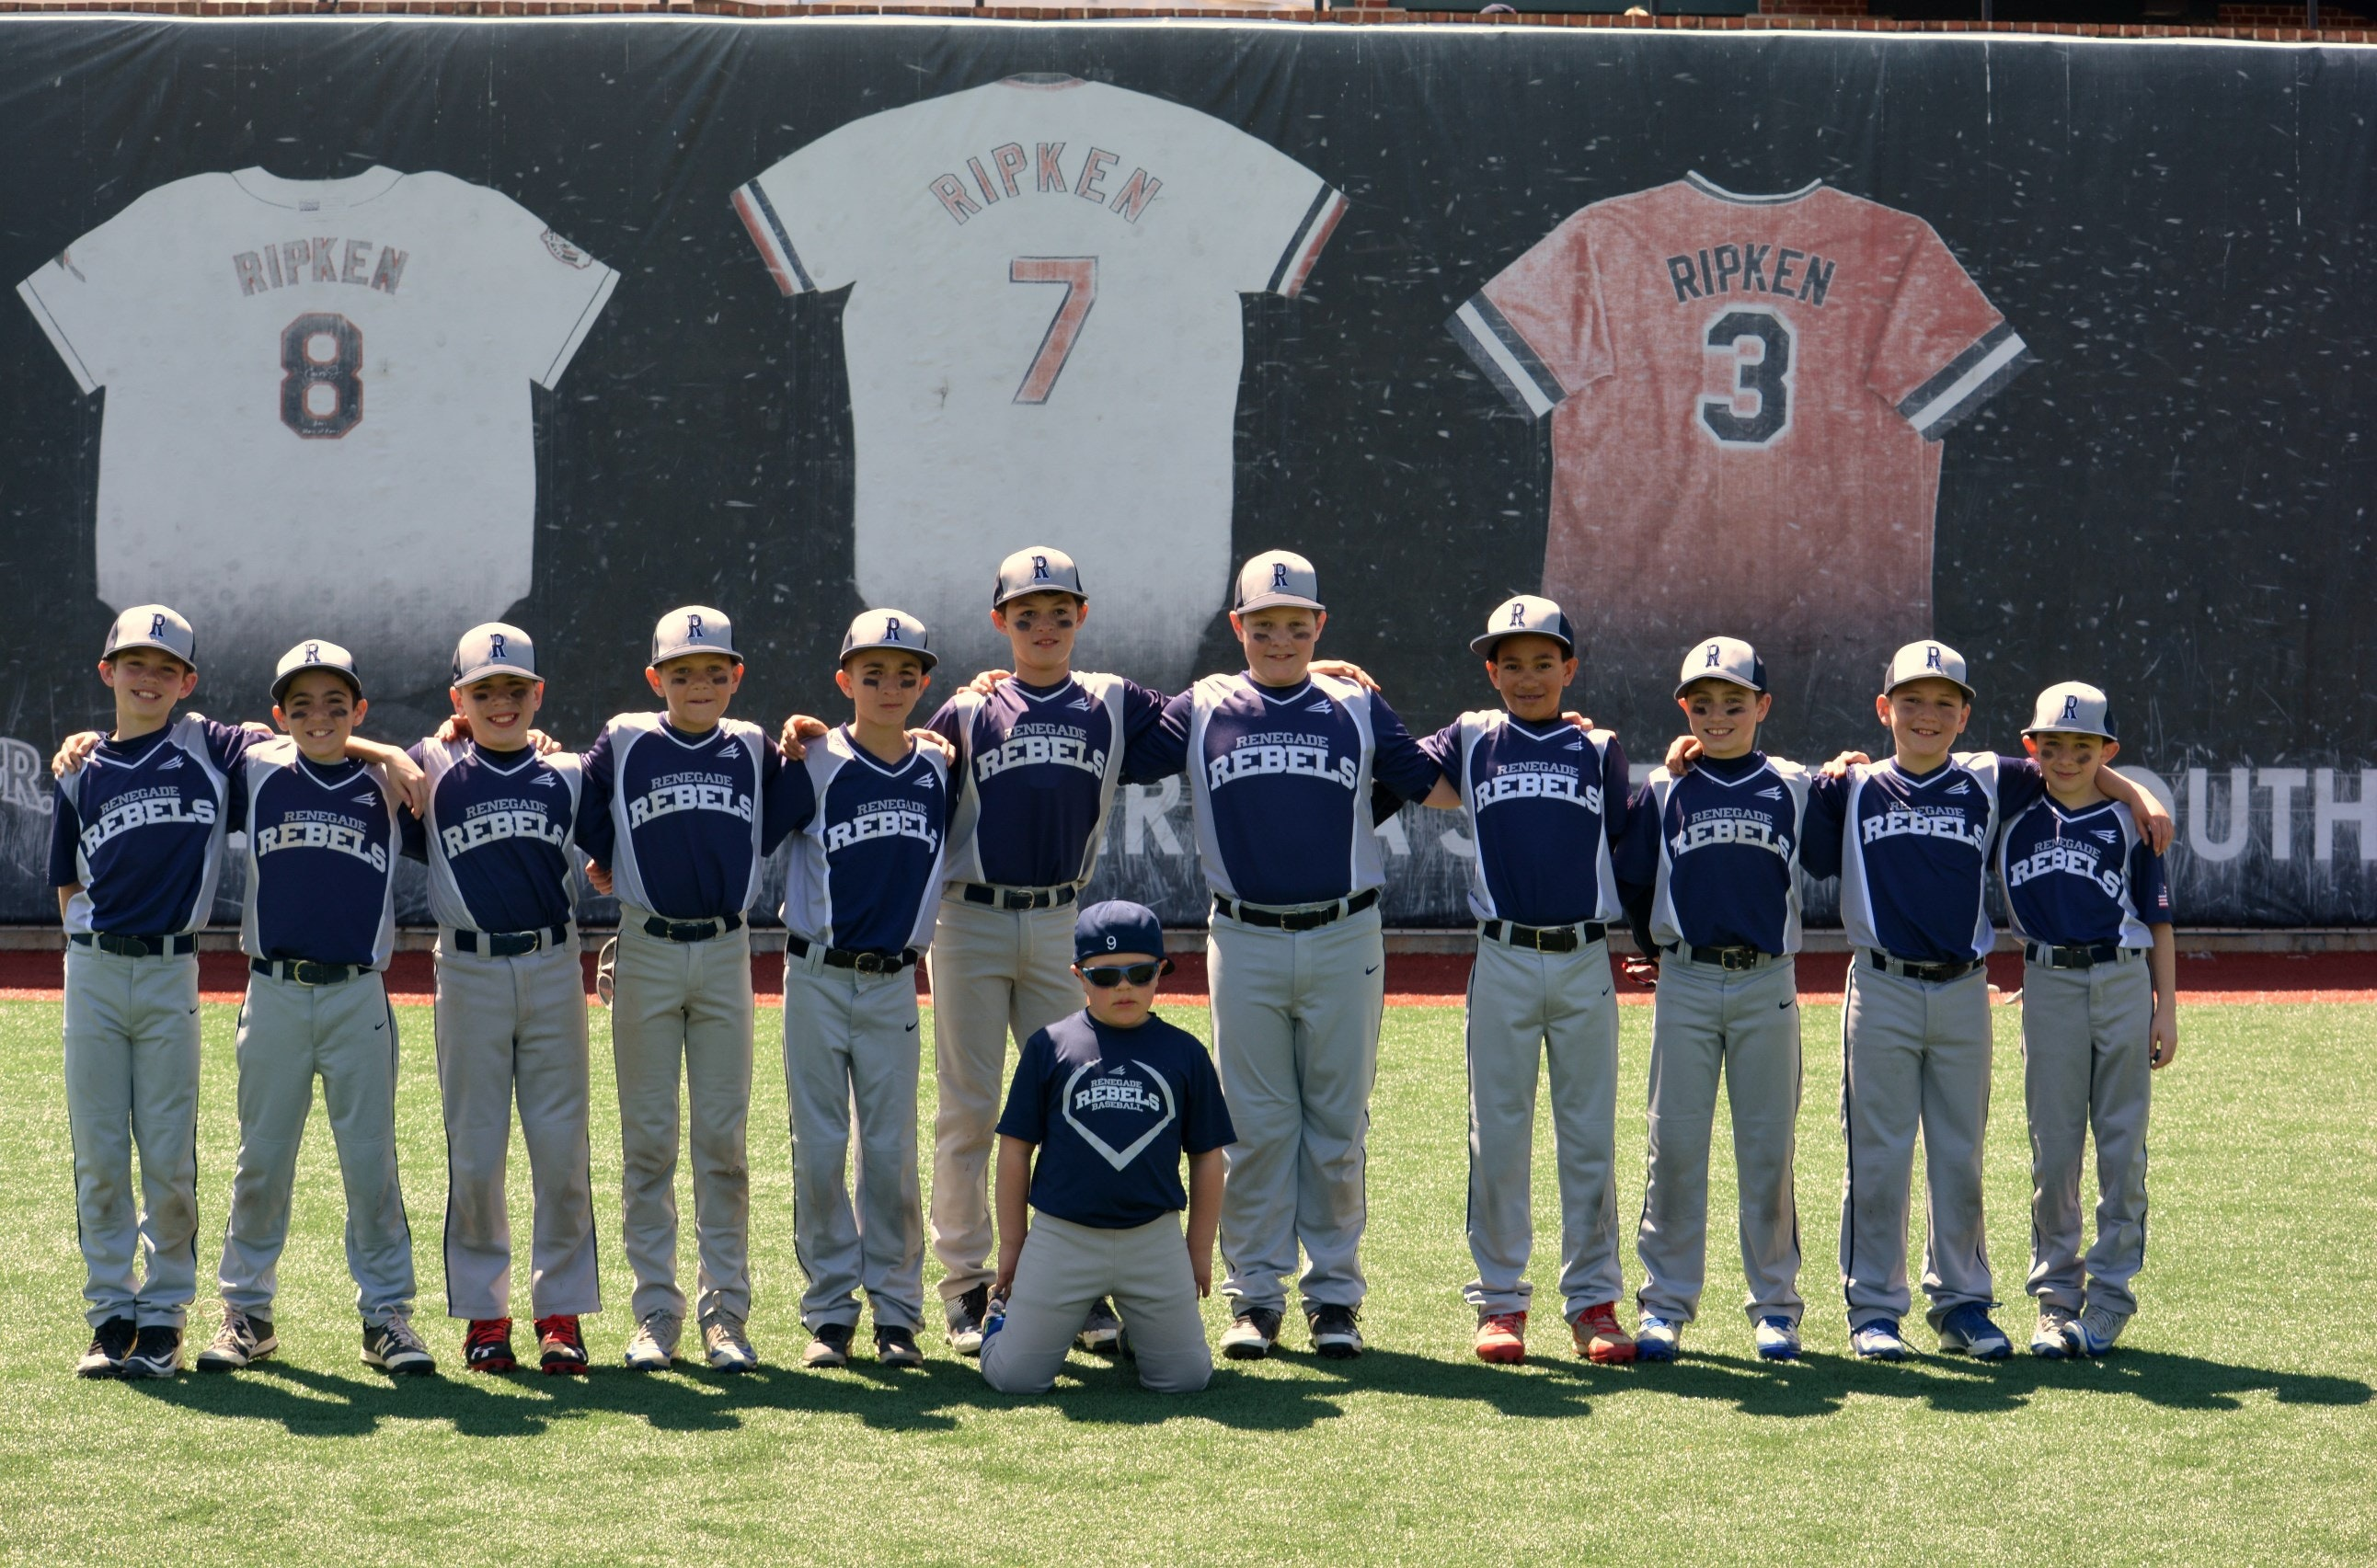 Renegade Rebels Baseball Team